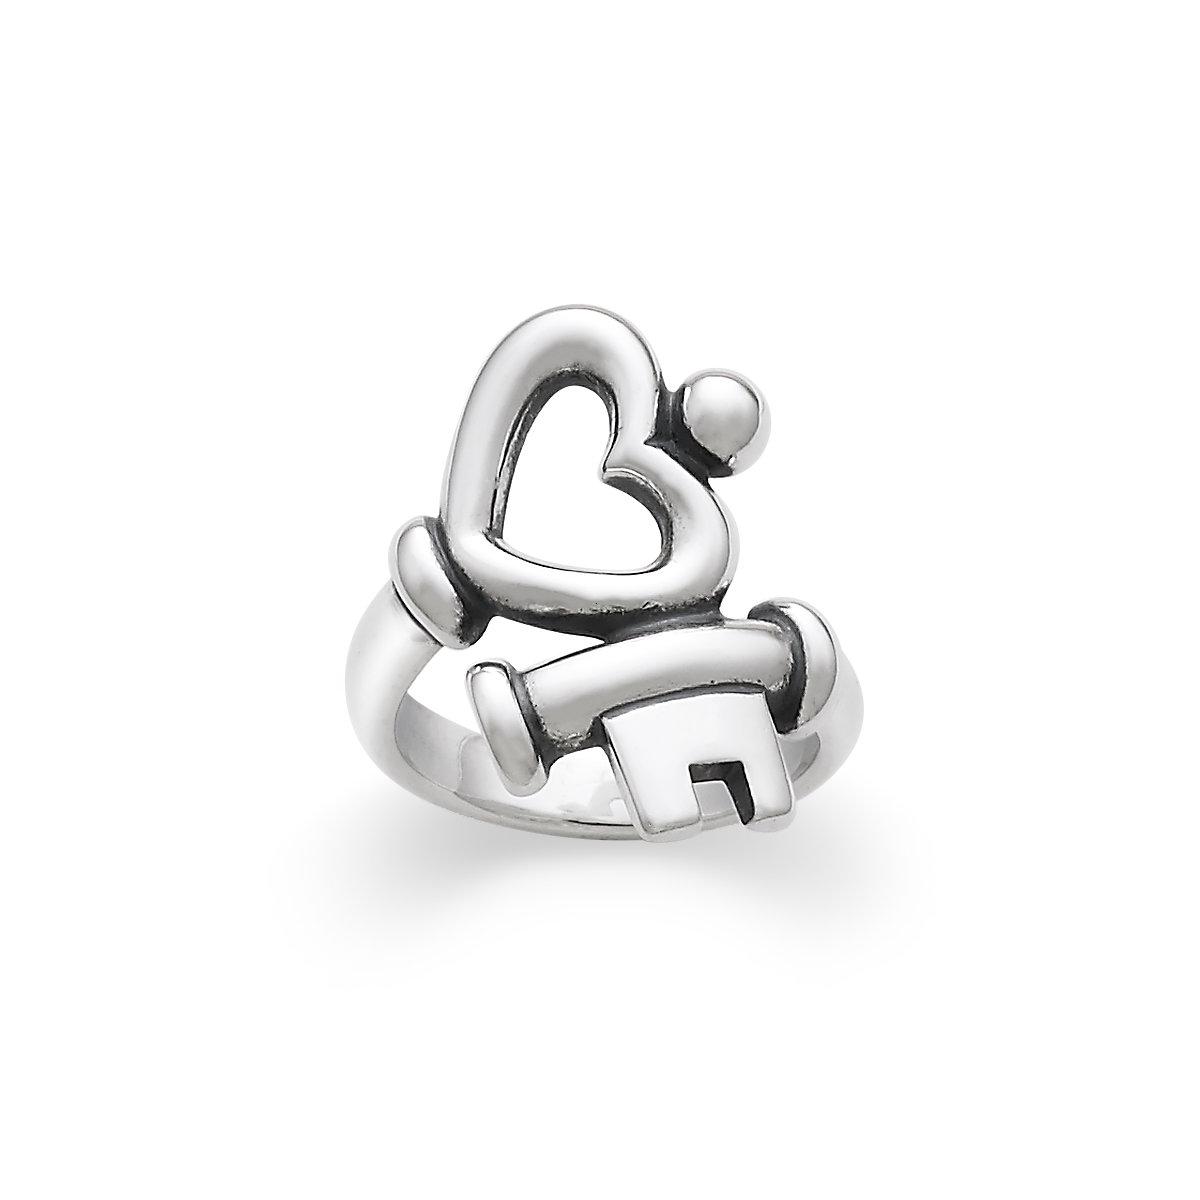 Key To My Heart Ring James Avery